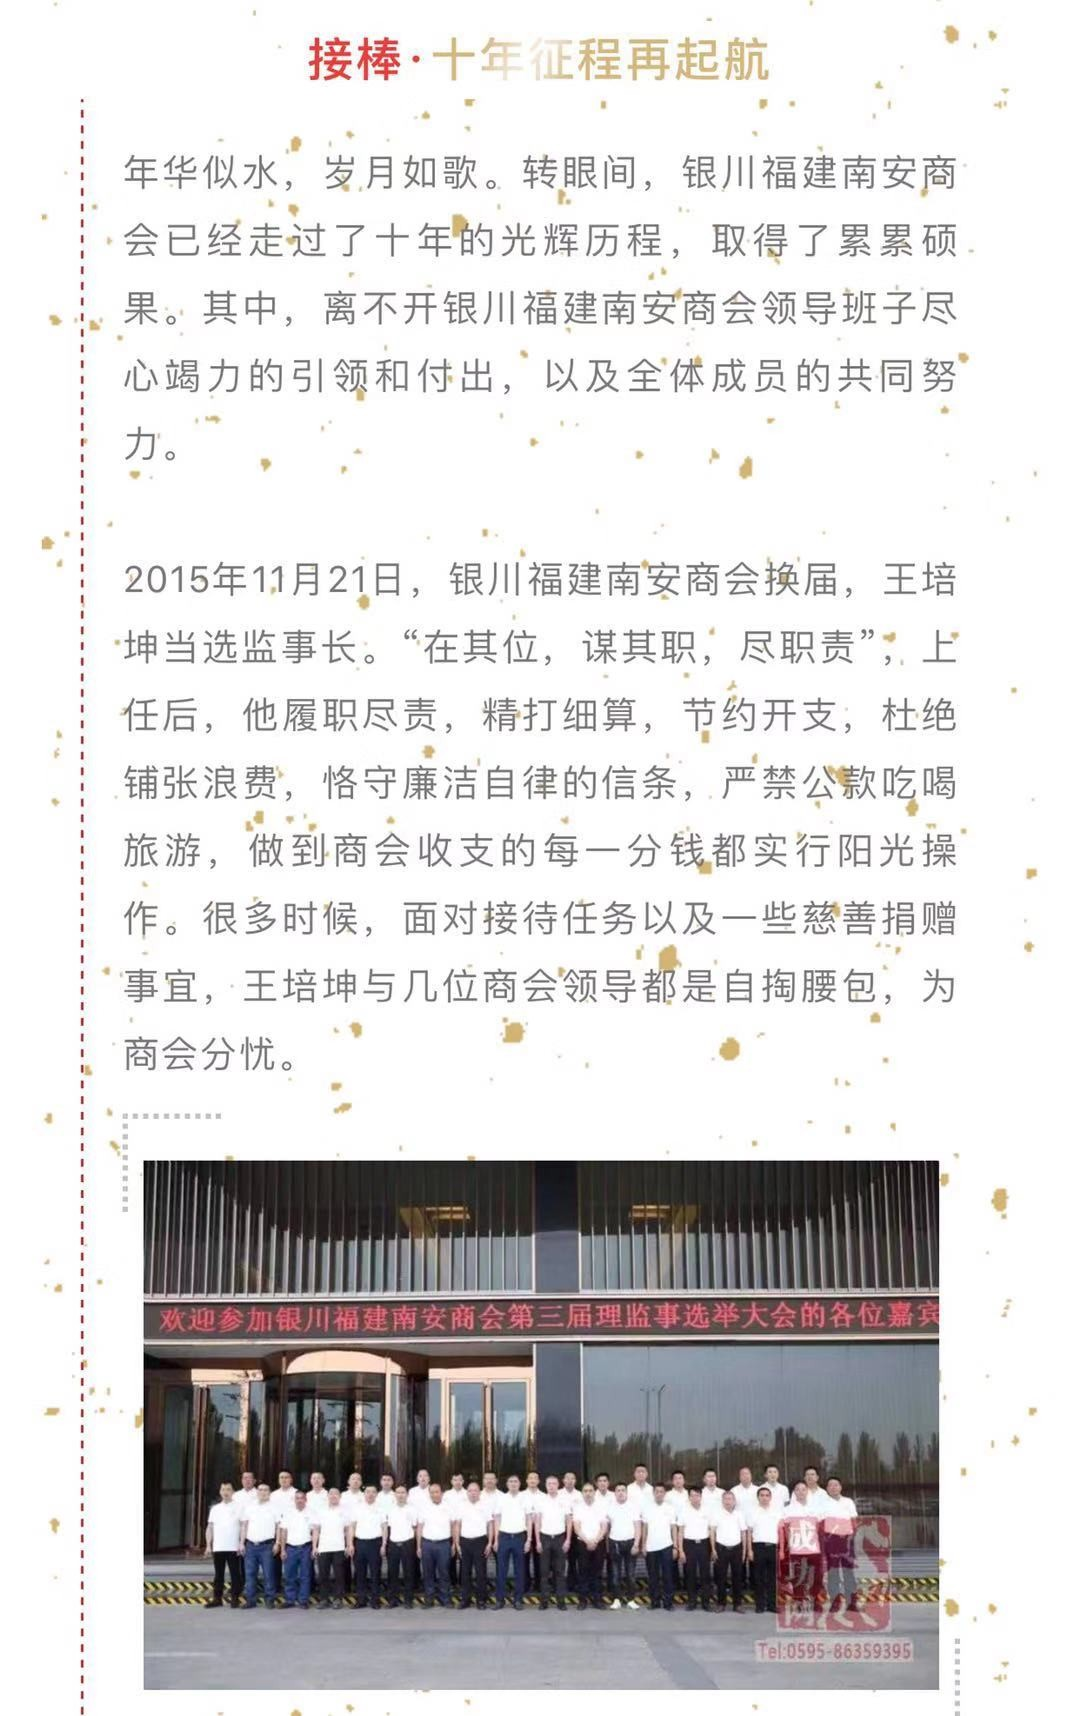 王培坤:打造西北最专业的阀门维修平台 建设在银最闪亮的异地商会品牌